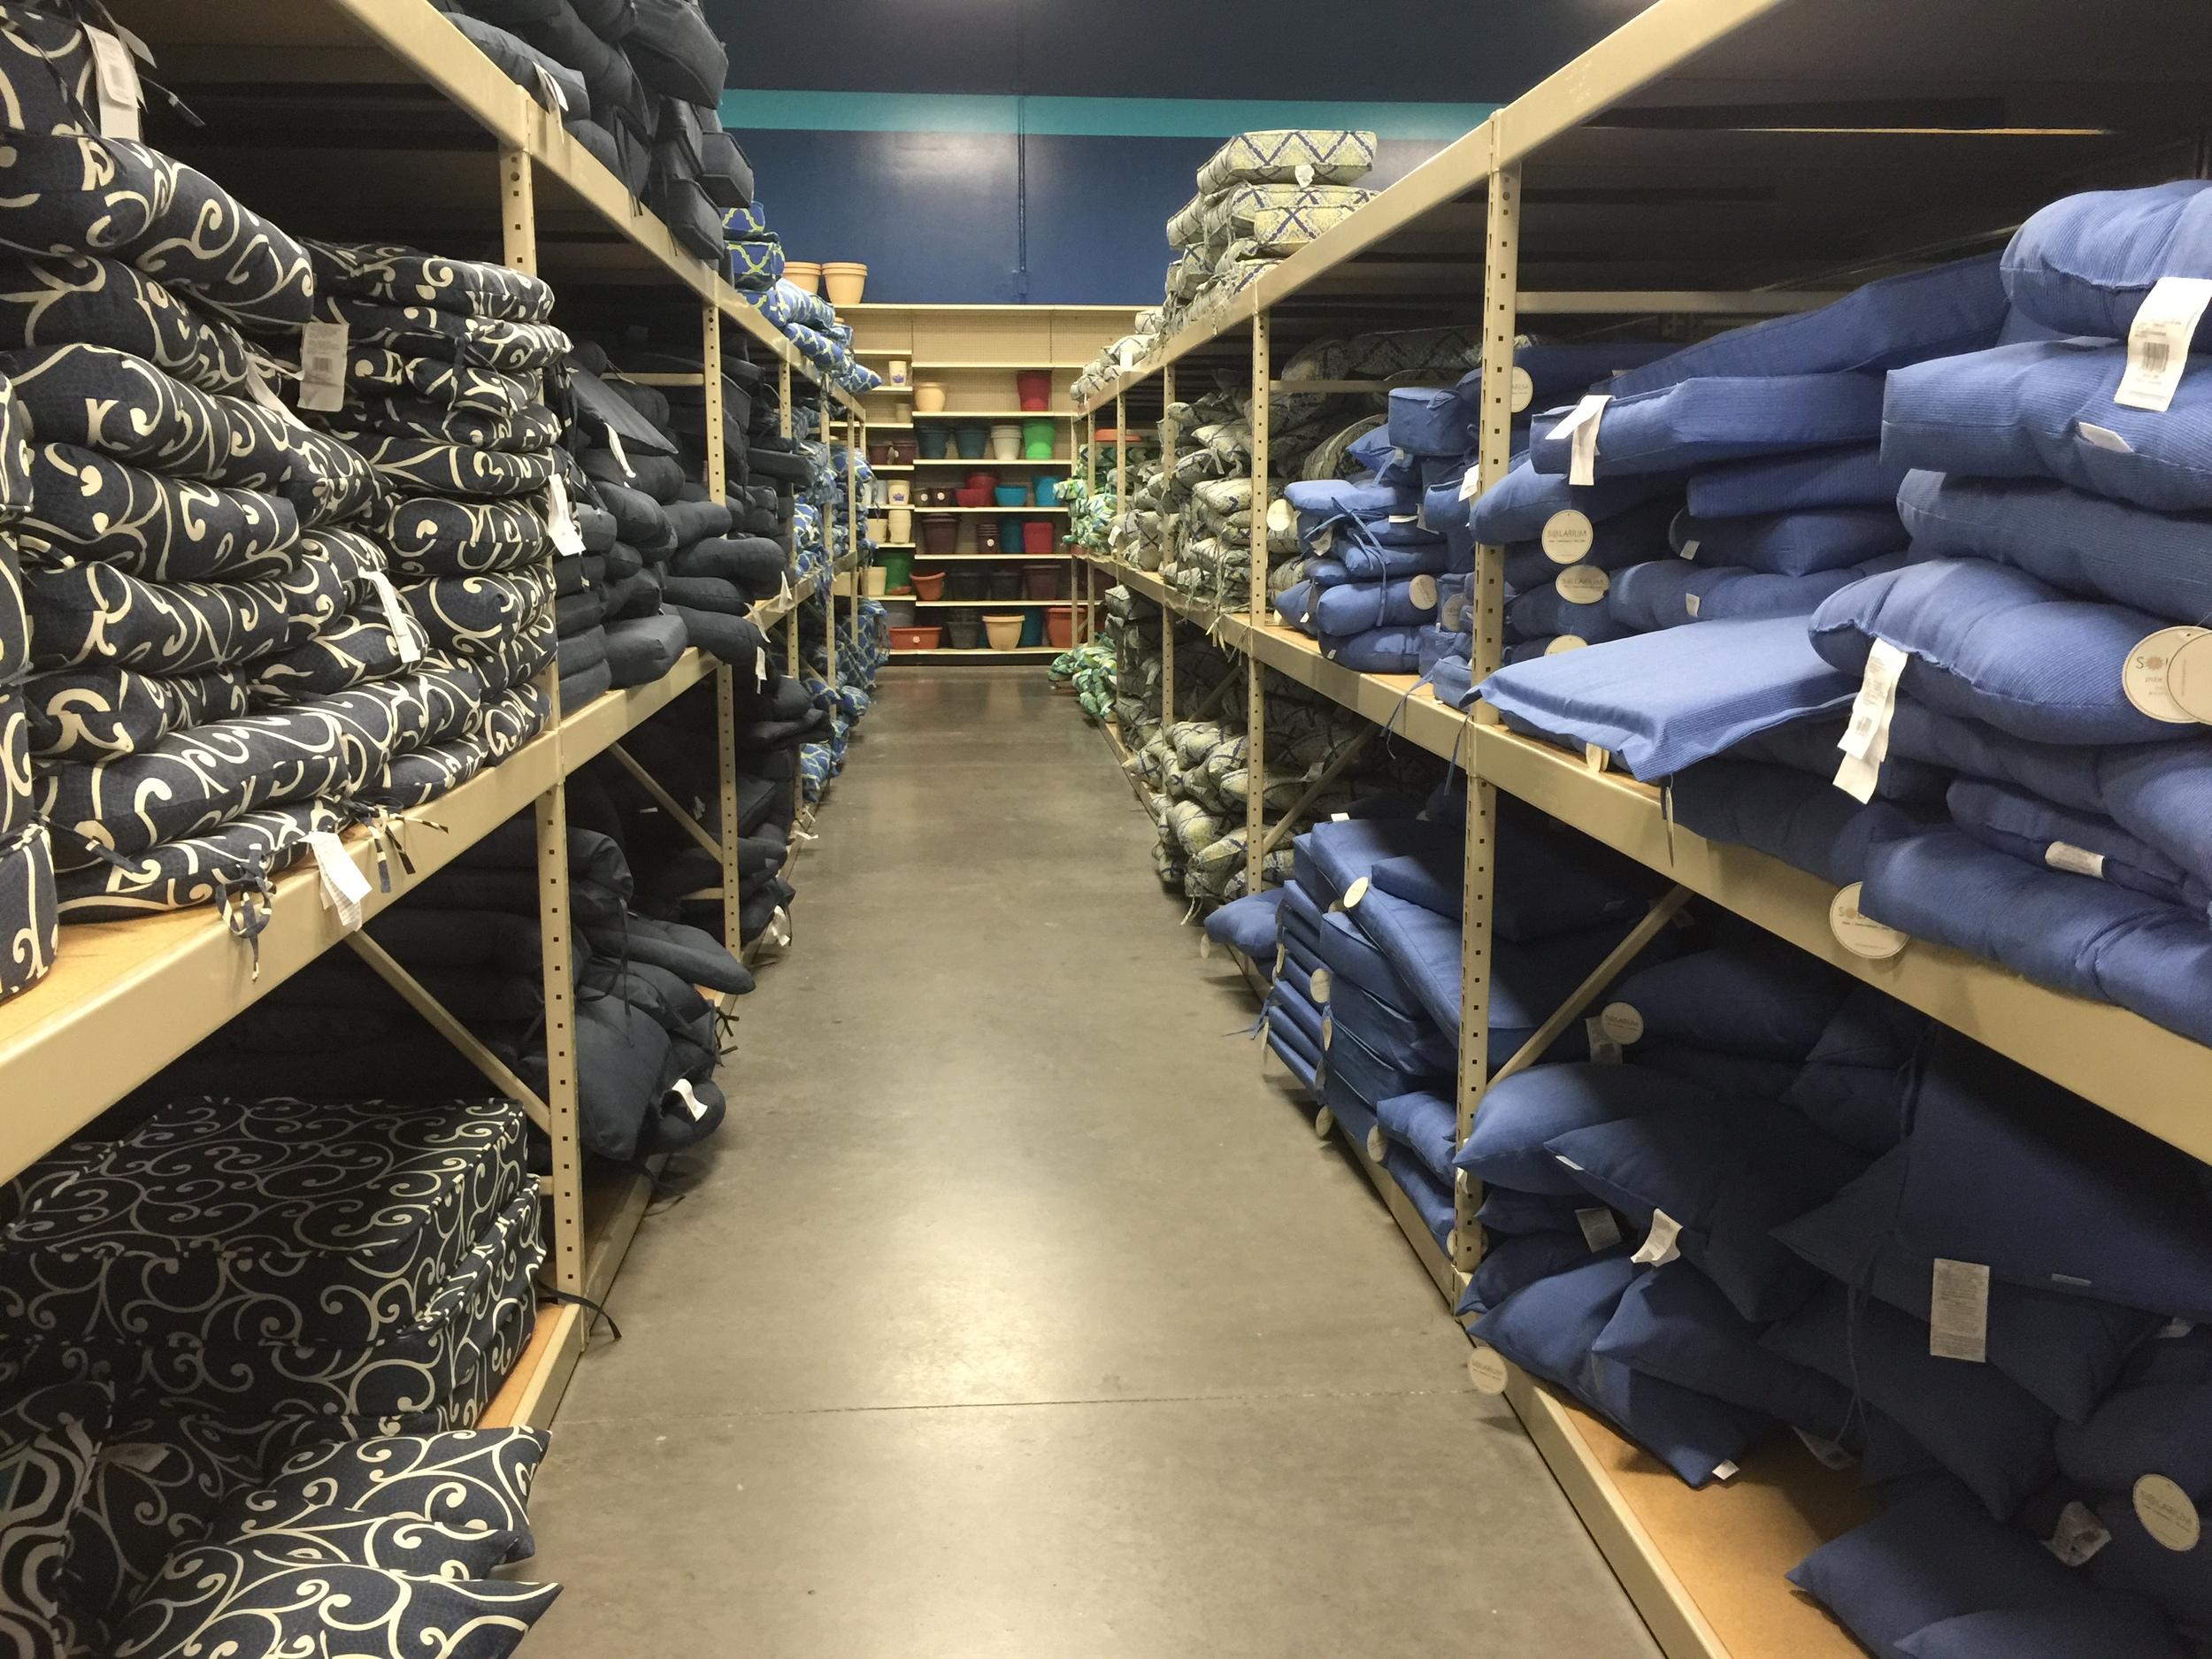 Cushion aisles